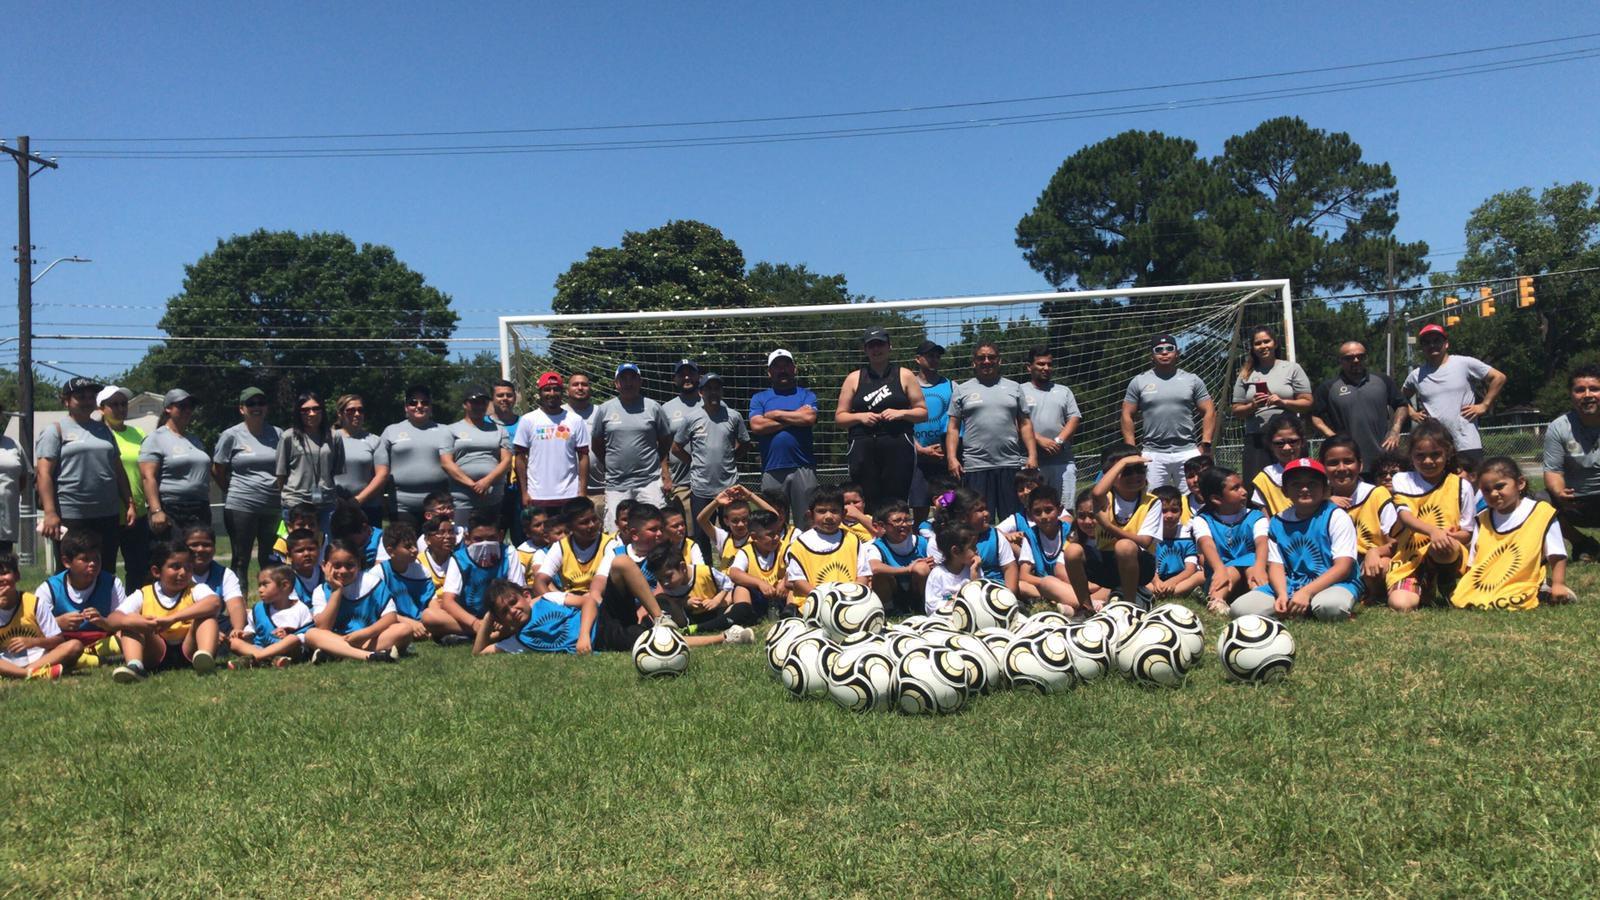 Niños y entrenadores durante el programa NextPlay de Concacaf en el Norte de Texas. Foto cortesía Concacaf